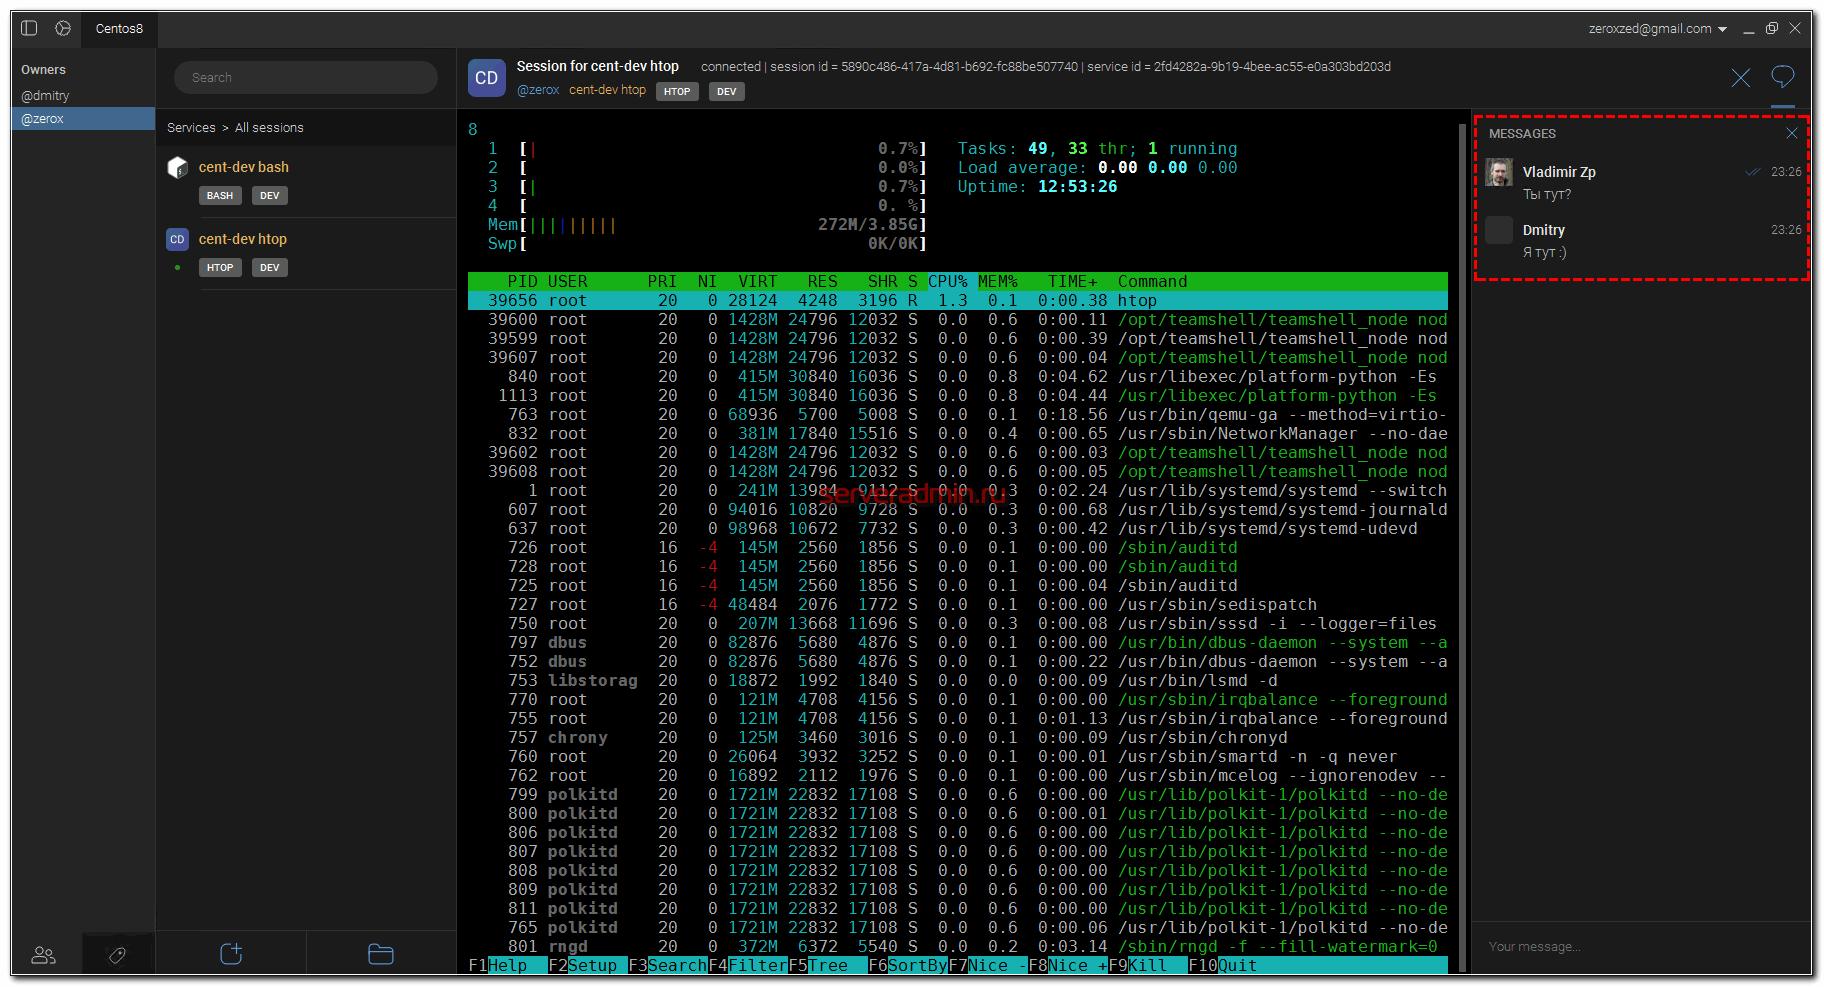 Совместный доступ по ssh